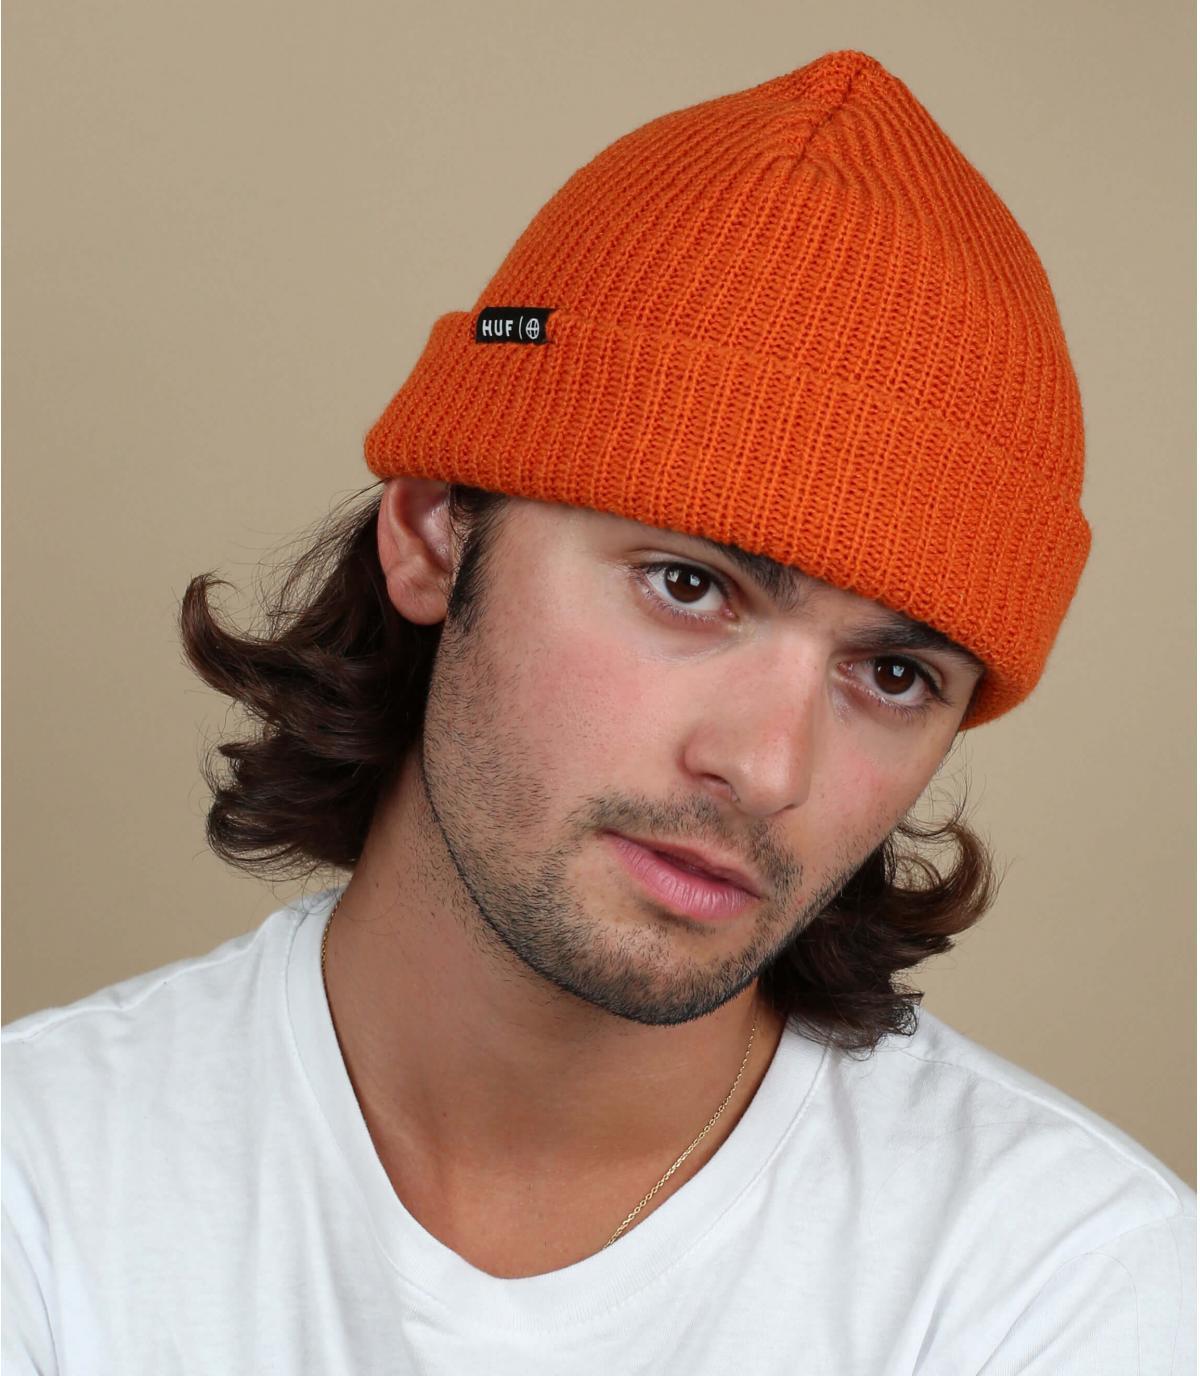 Cappello a bavero arancione Huf